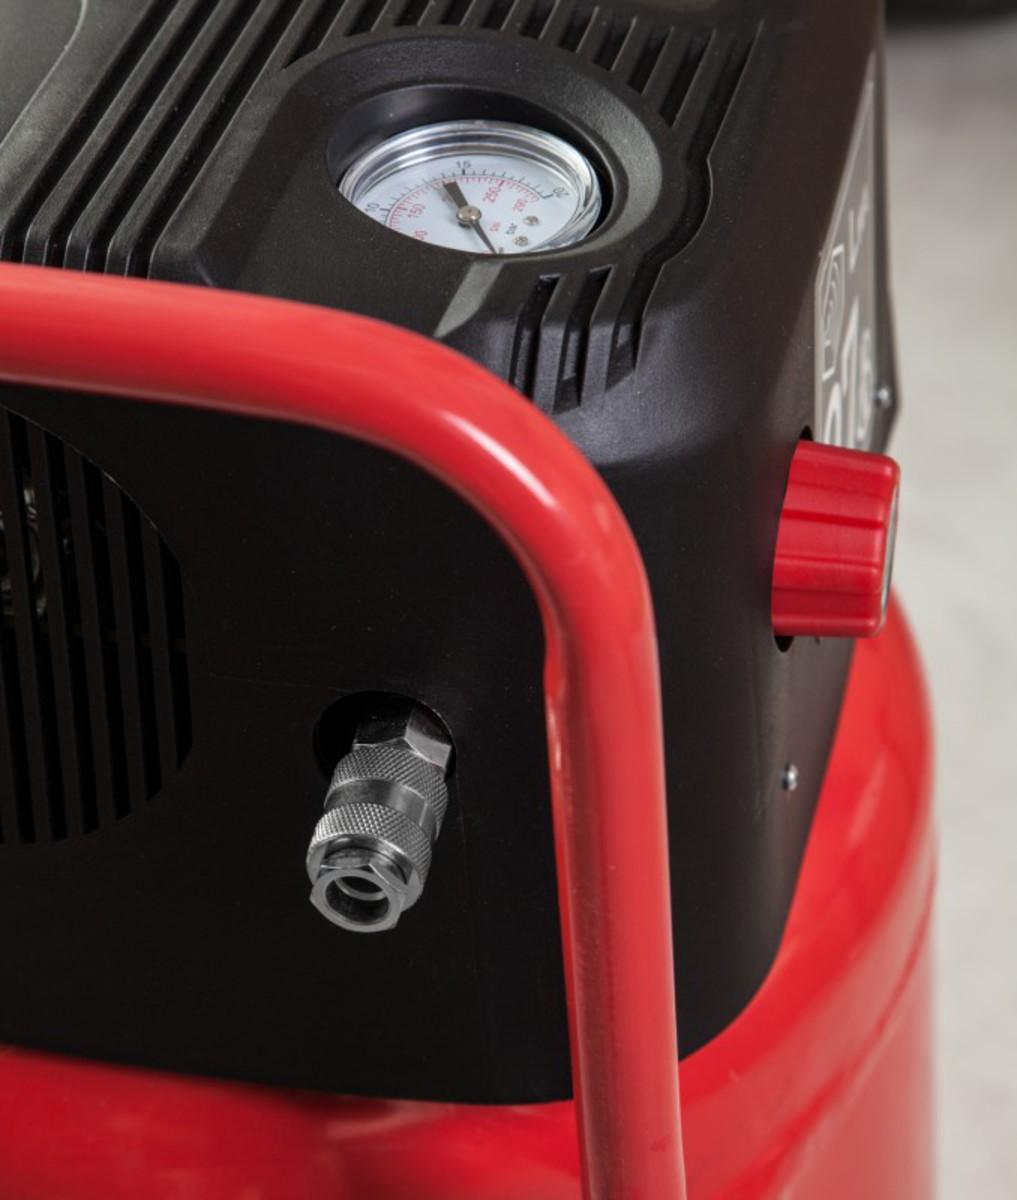 Bild 3 von Kraft Werkzeuge Werkstatt-Kompressor